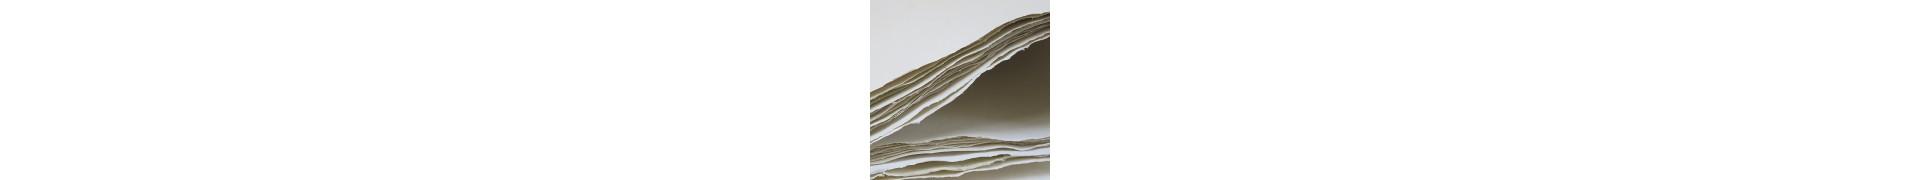 Papier du monde KHADI Indien R23 W ROUGH - 400g - F:100 x 140 cm